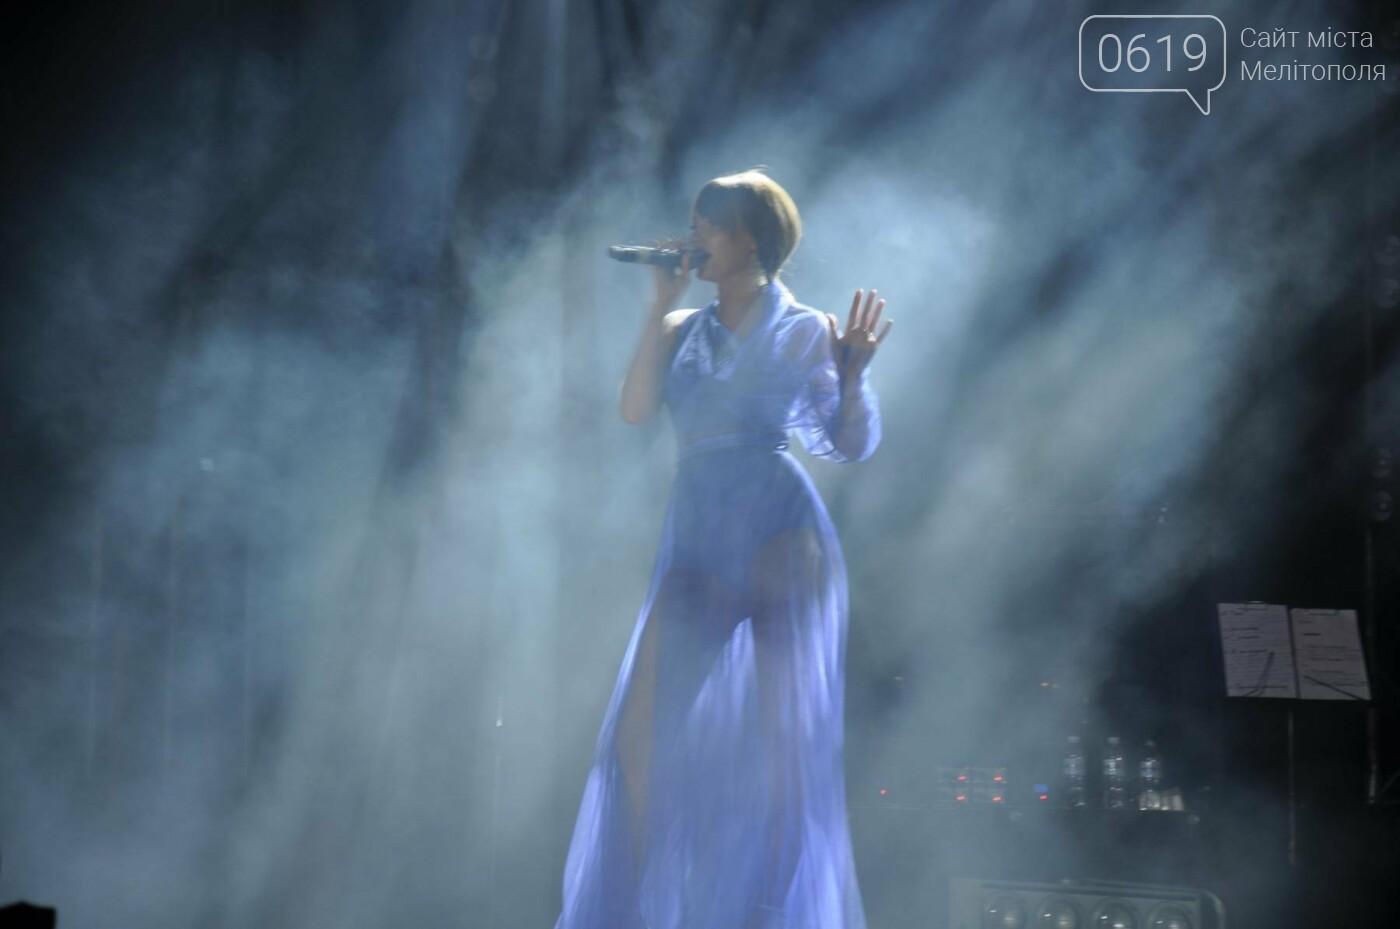 """В Мелитополе состоялся концерт группы """"НеАнгелы"""". Фоторепортаж , фото-6, Фото сайта 0619"""